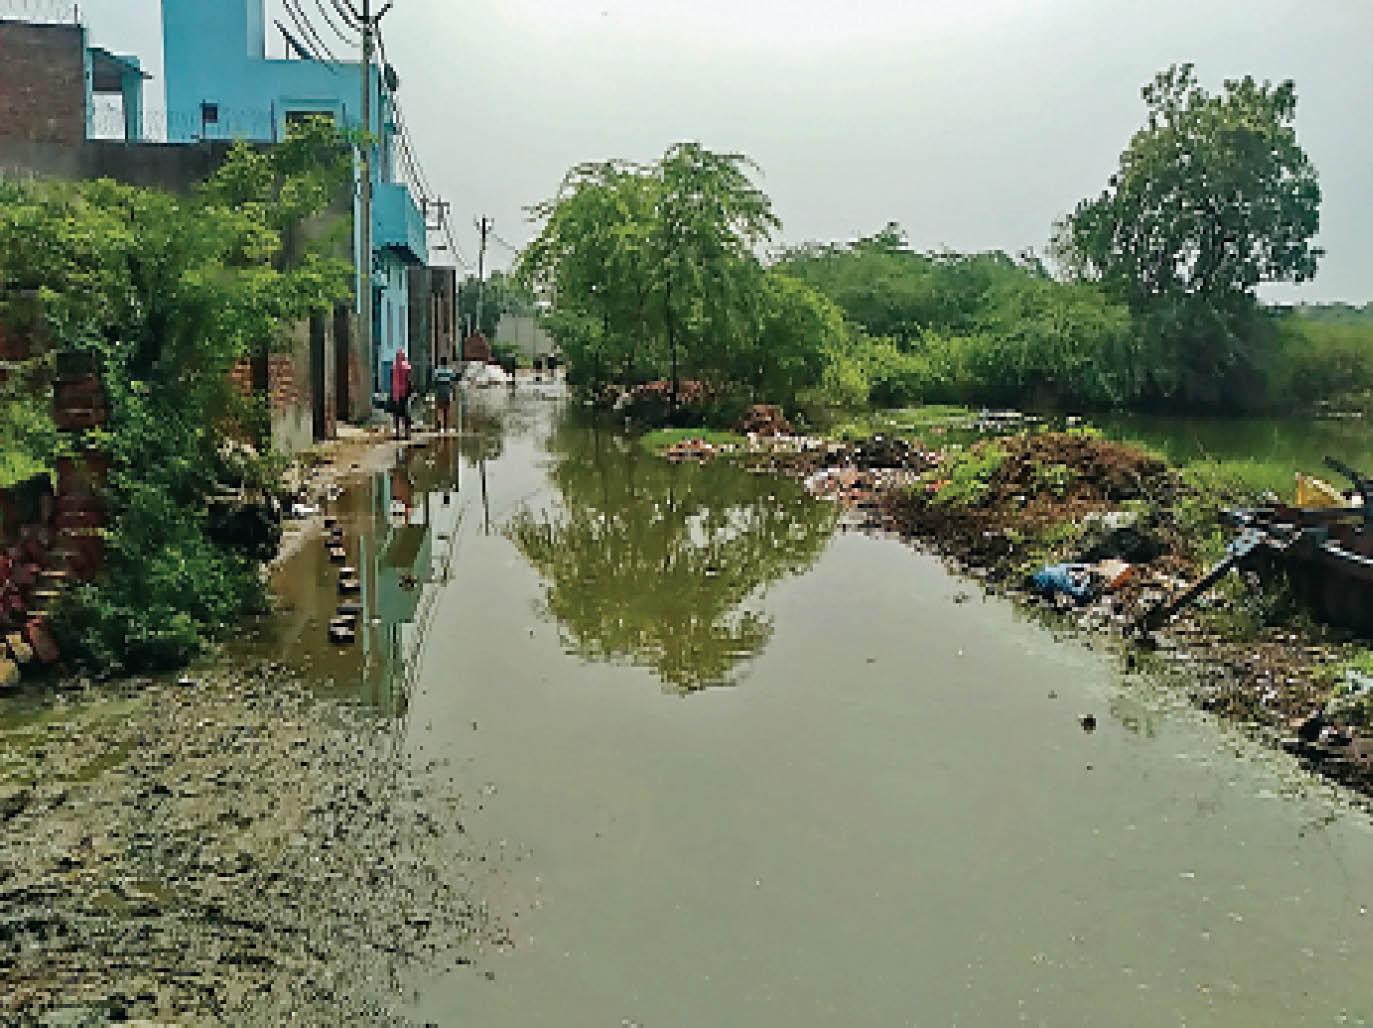 चुलियाना गांव में तलाब ओवरफ्लो होने से गलियाें में भरा पानी। - Dainik Bhaskar